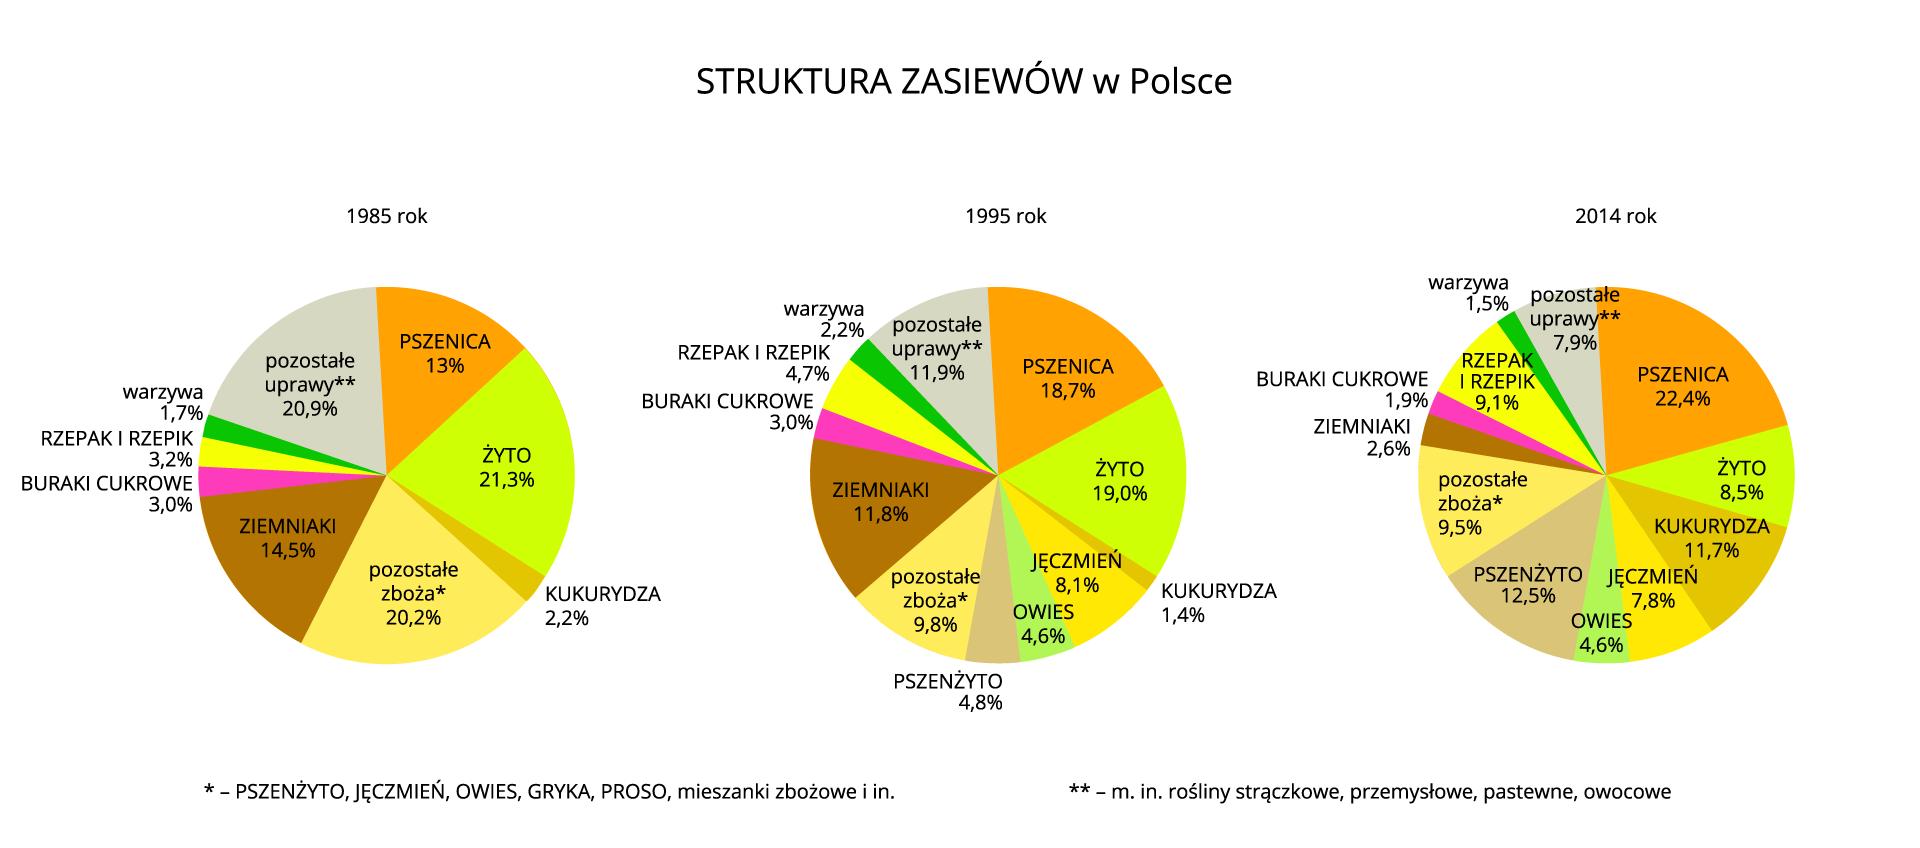 Na ilustracji trzy diagramy kołowe – struktura zasiewów wPolsce wlatach 1985, 1995, 2014.Pierwszy diagram: uprawa1985pszenica13,0% żyto21,3% kukurydza2,2% pozostałe zboża20,2% ziemniaki14,5% buraki cukrowe3,0% rzepak irzepik3,2% warzywa1,7% pozostałe uprawy20,9% Drugi diagram: uprawa1995pszenica18,7% żyto19,0% kukurydza1,4% jęczmień8,1% owies4,6% pszenżyto4,8% pozostałe zboża9,8% ziemniaki11,8% buraki cukrowe3,0% rzepak irzepik4,7% warzywa2,2% pozostałe uprawy11,9%  Trzeci diagram: uprawa2014pszenica22,4% żyto8,5% kukurydza11,7% jęczmień7,8% owies4,6% pszenżyto12,5% pozostałe zboża9,5% ziemniaki2,6% buraki cukrowe1,9% rzepak irzepik9,1% warzywa1,5% pozostałe uprawy7,9%